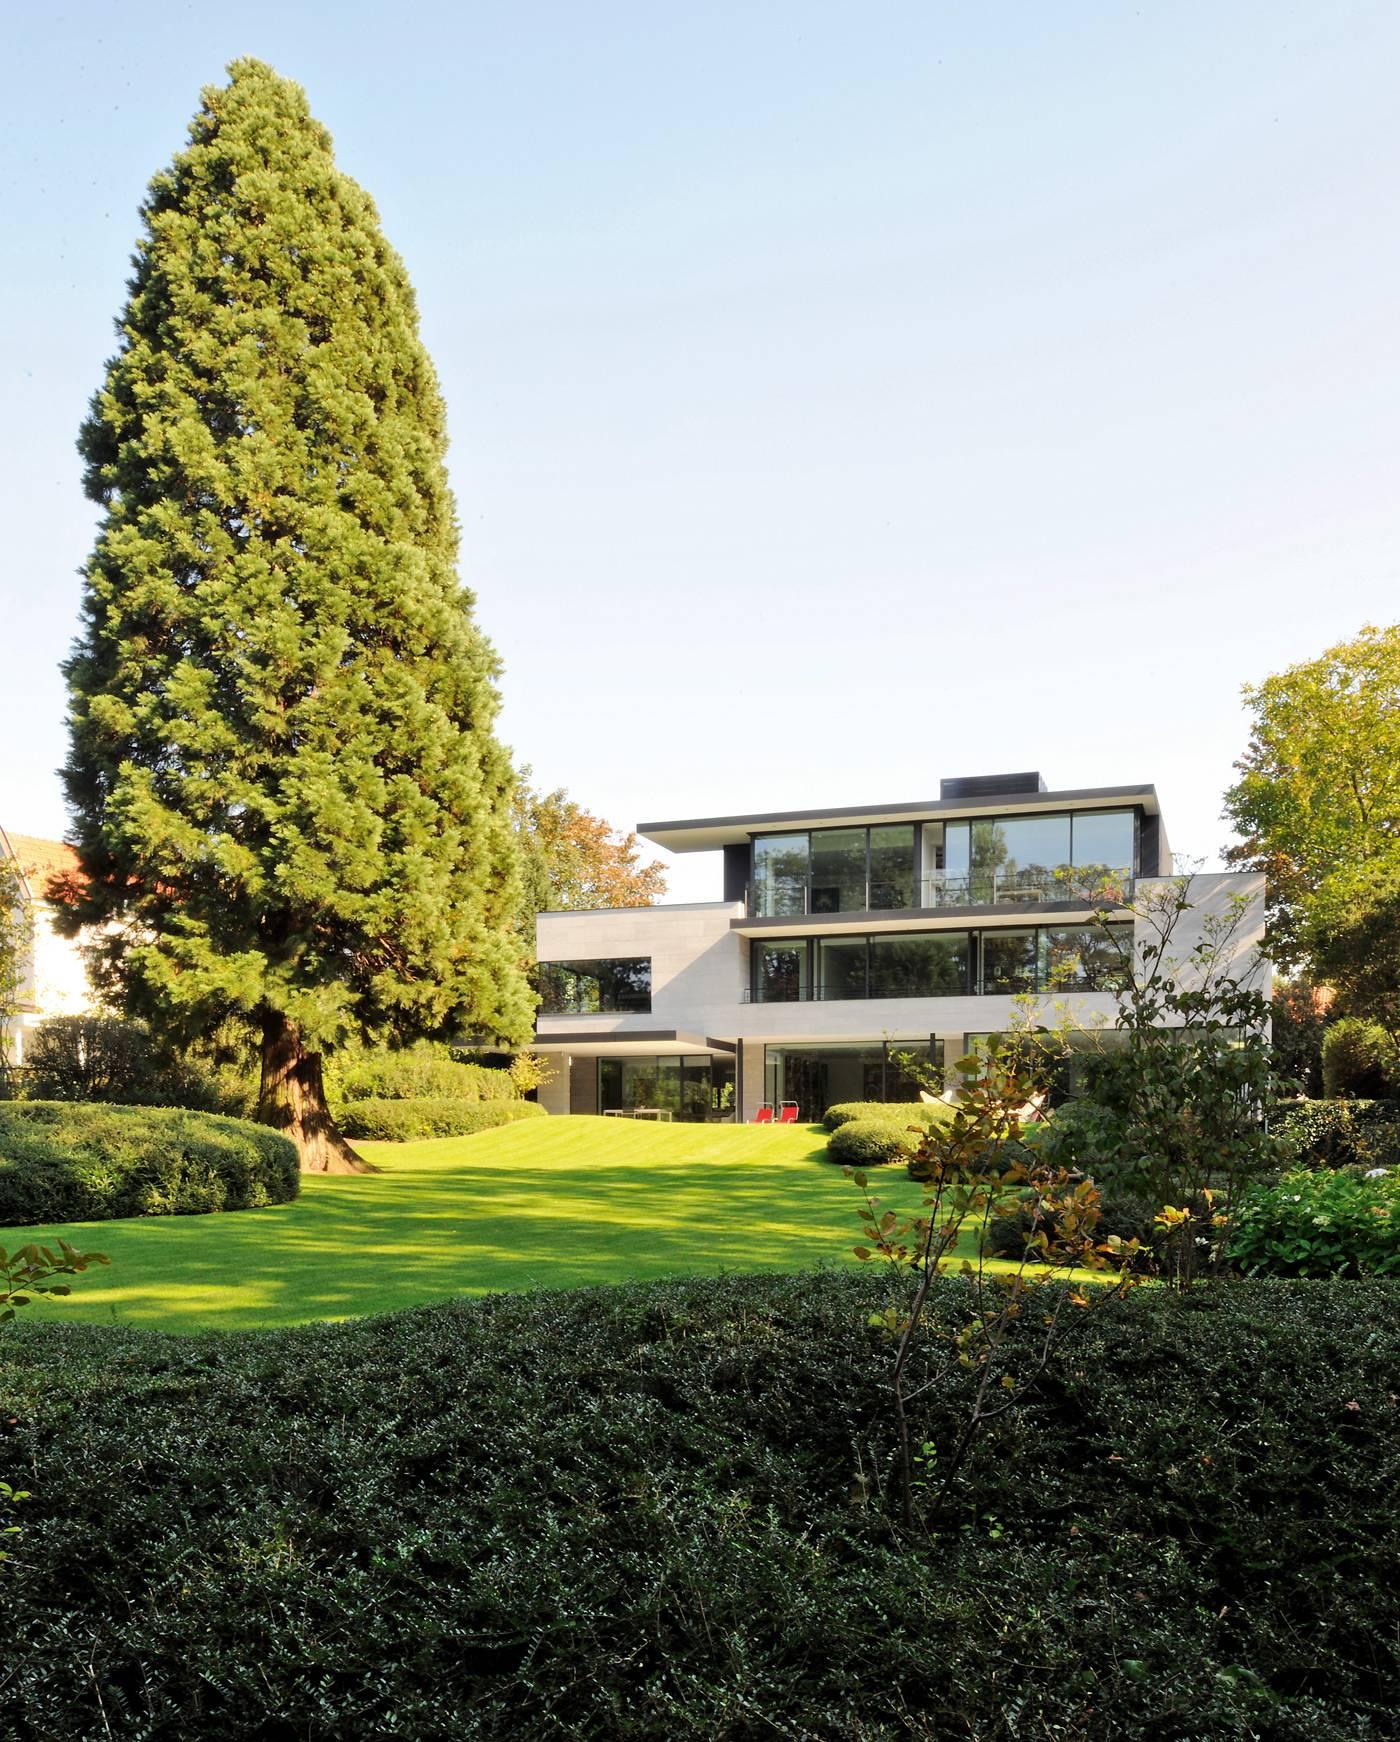 Le-luxe-de-lespace-architecture-rd-115_m-corbiau-hamoir